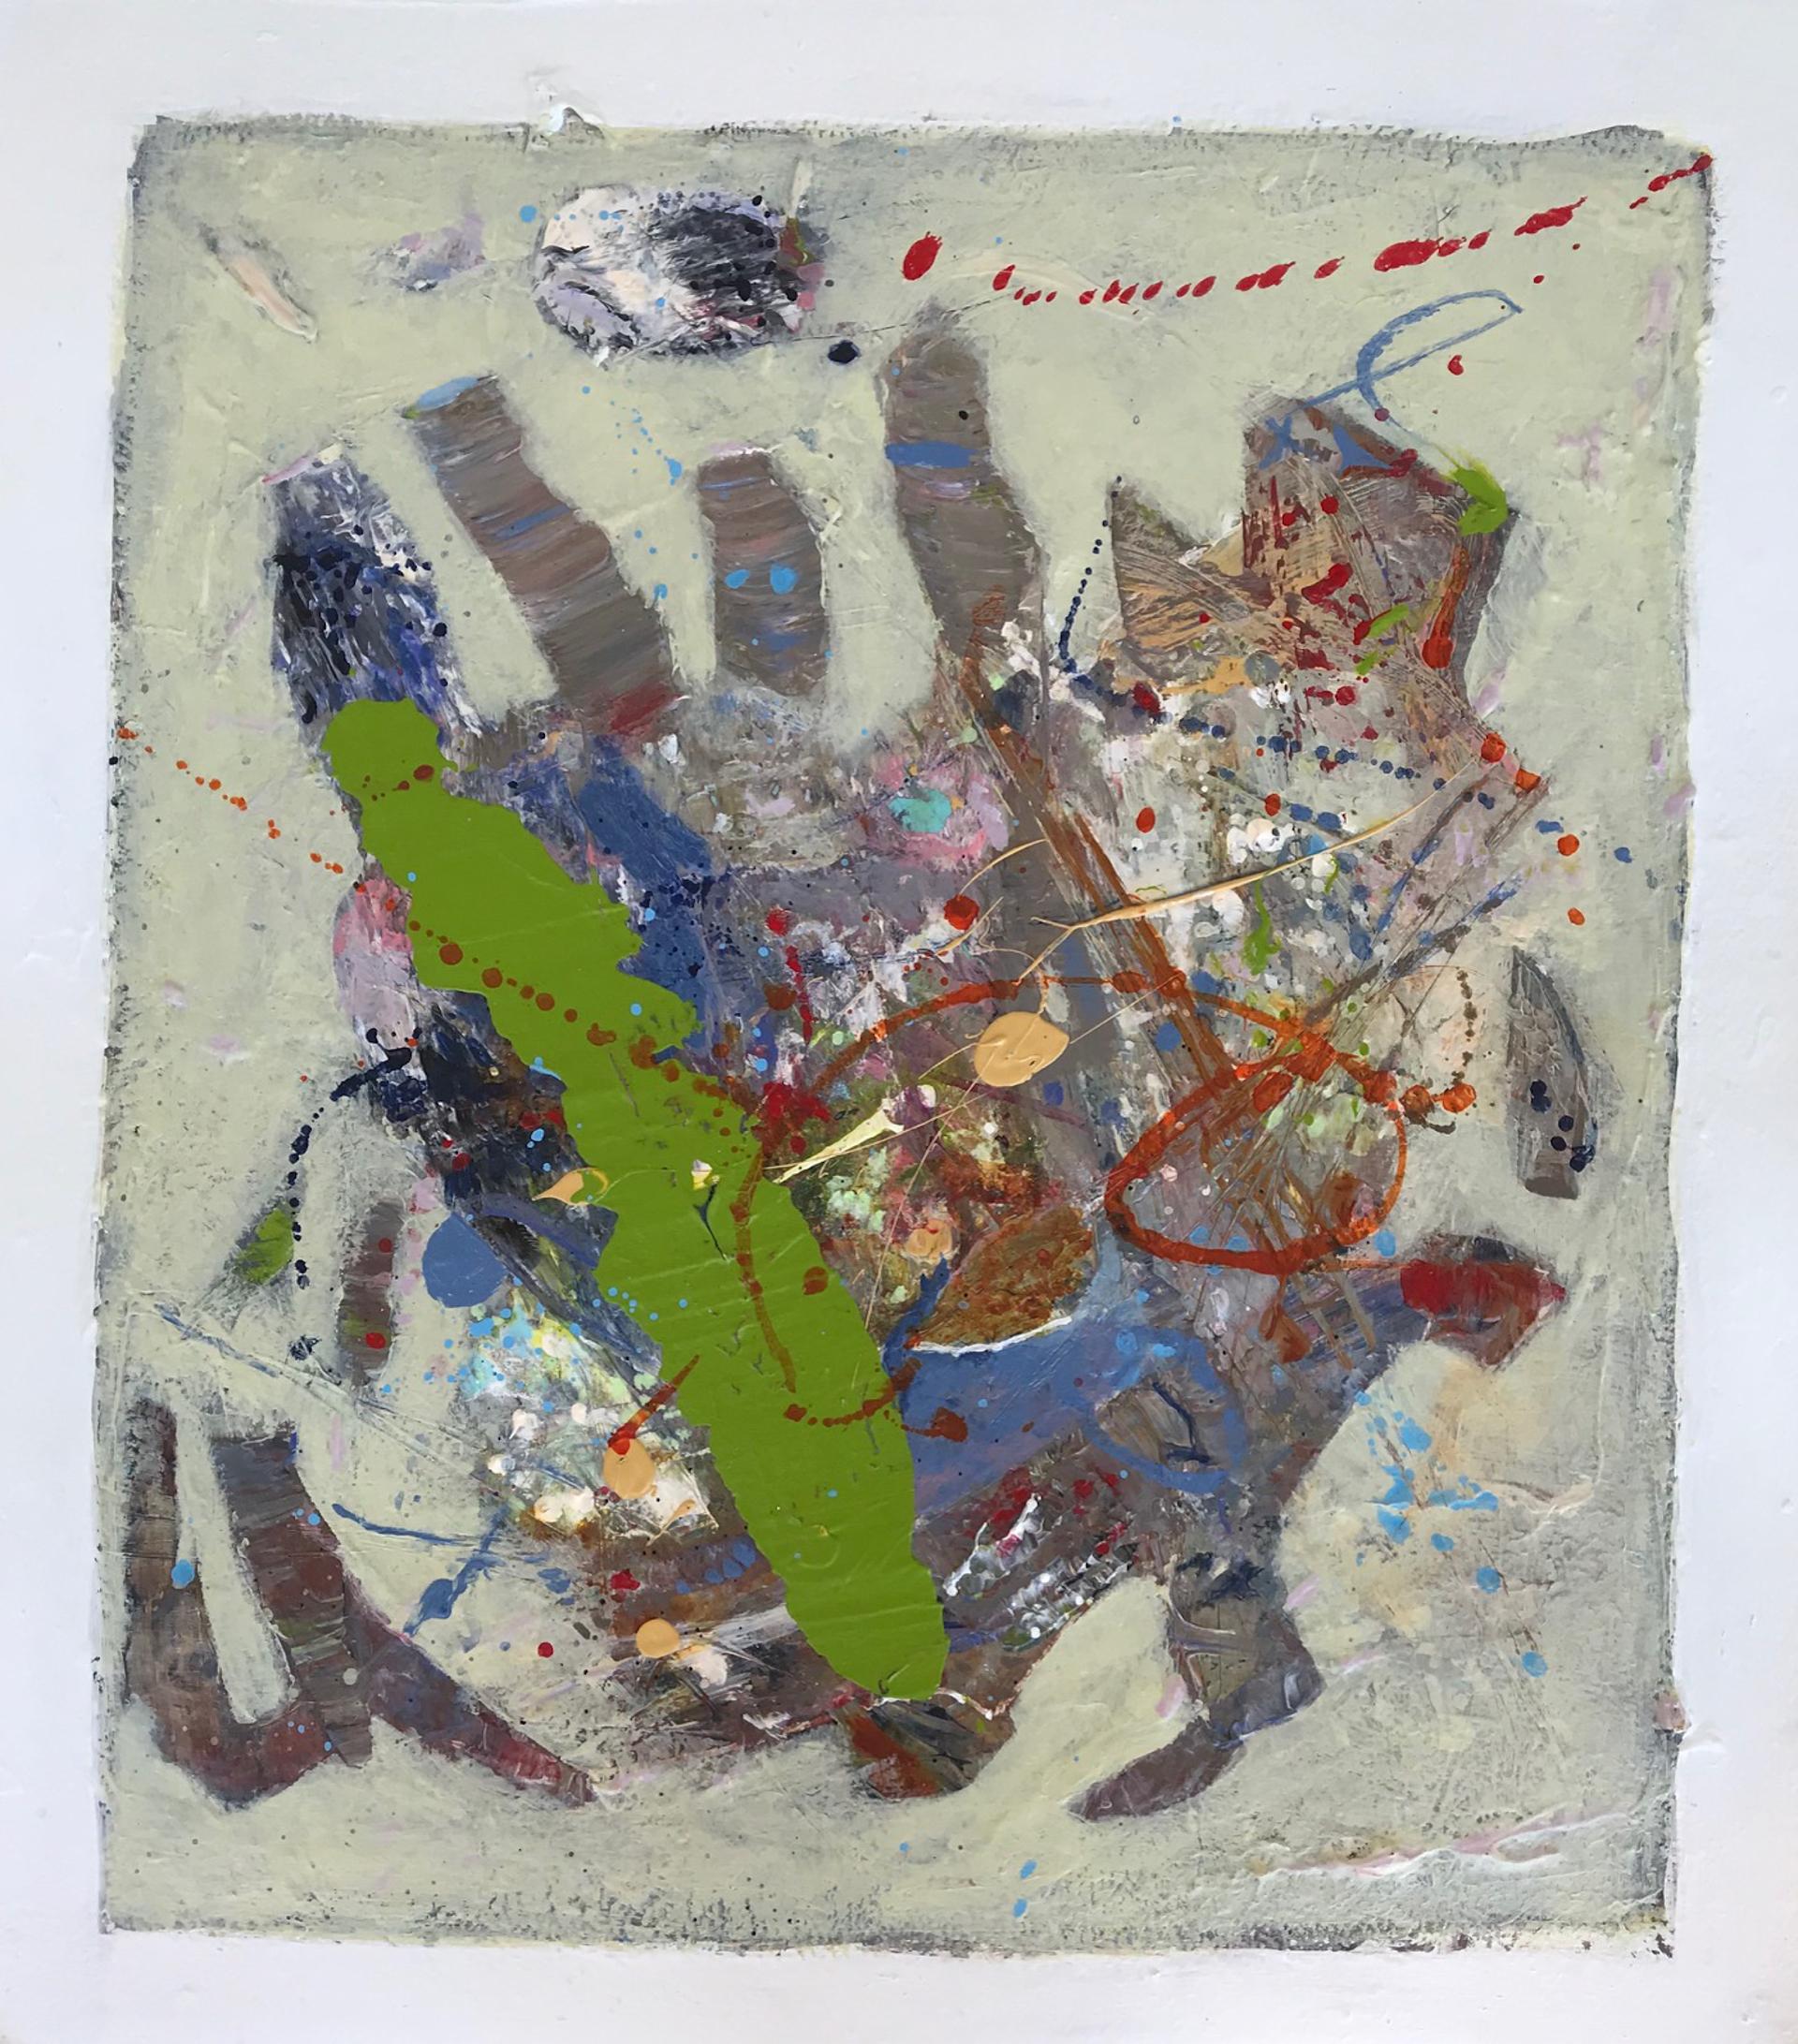 LNP 5 by Leslie Newman